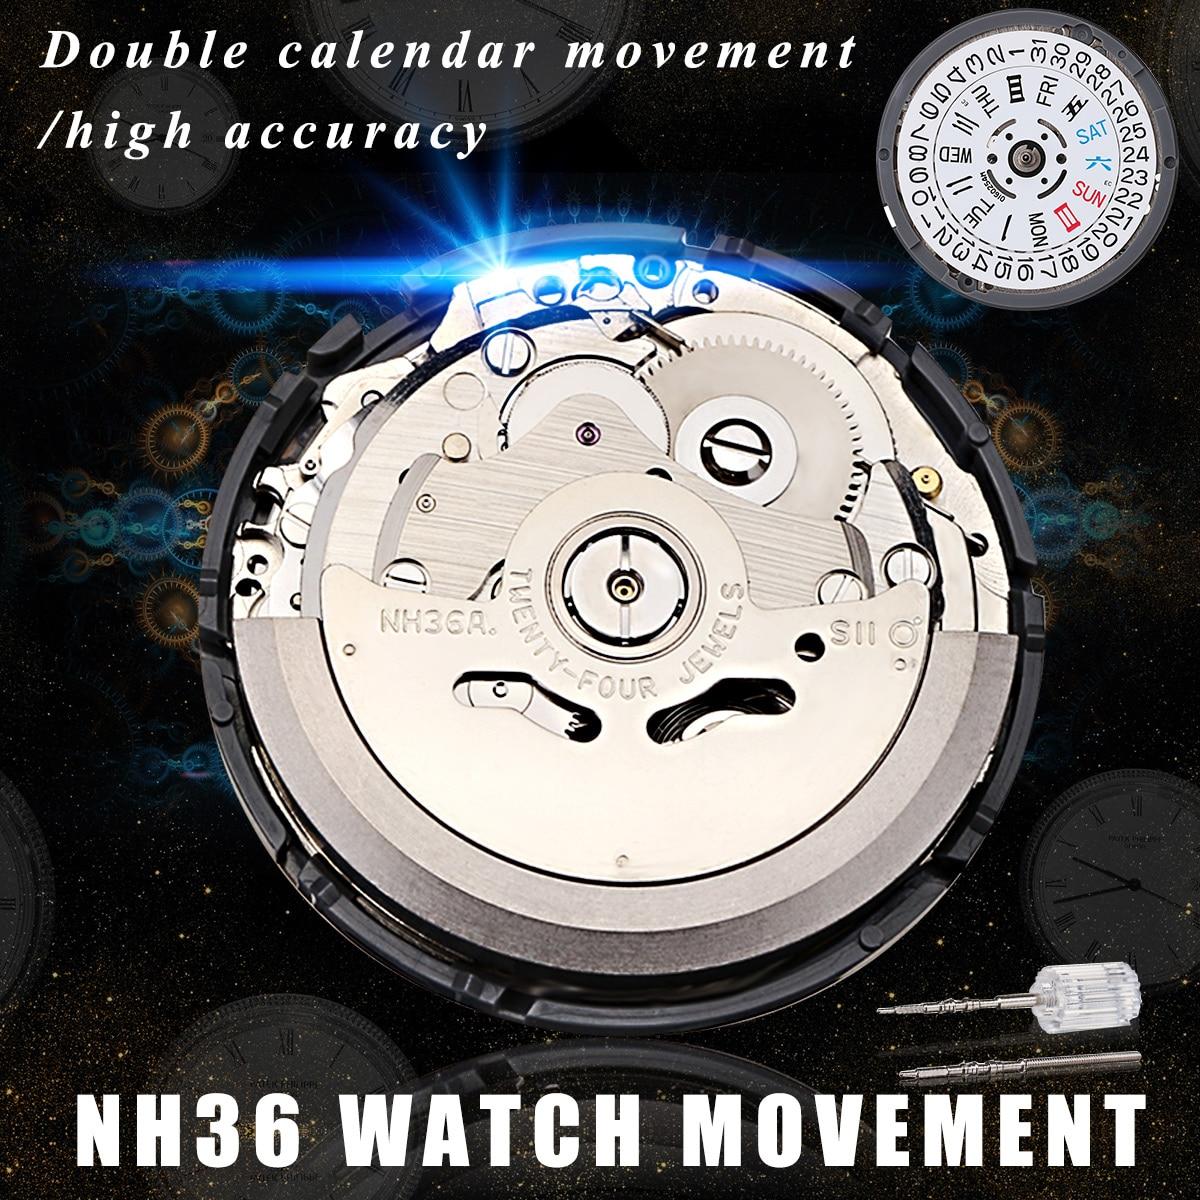 Японские Оригинальные наручные часы механические часы часовой механизм NH35 NH36 NH37 NH38 NH39 Автоматическая оптовая продажа